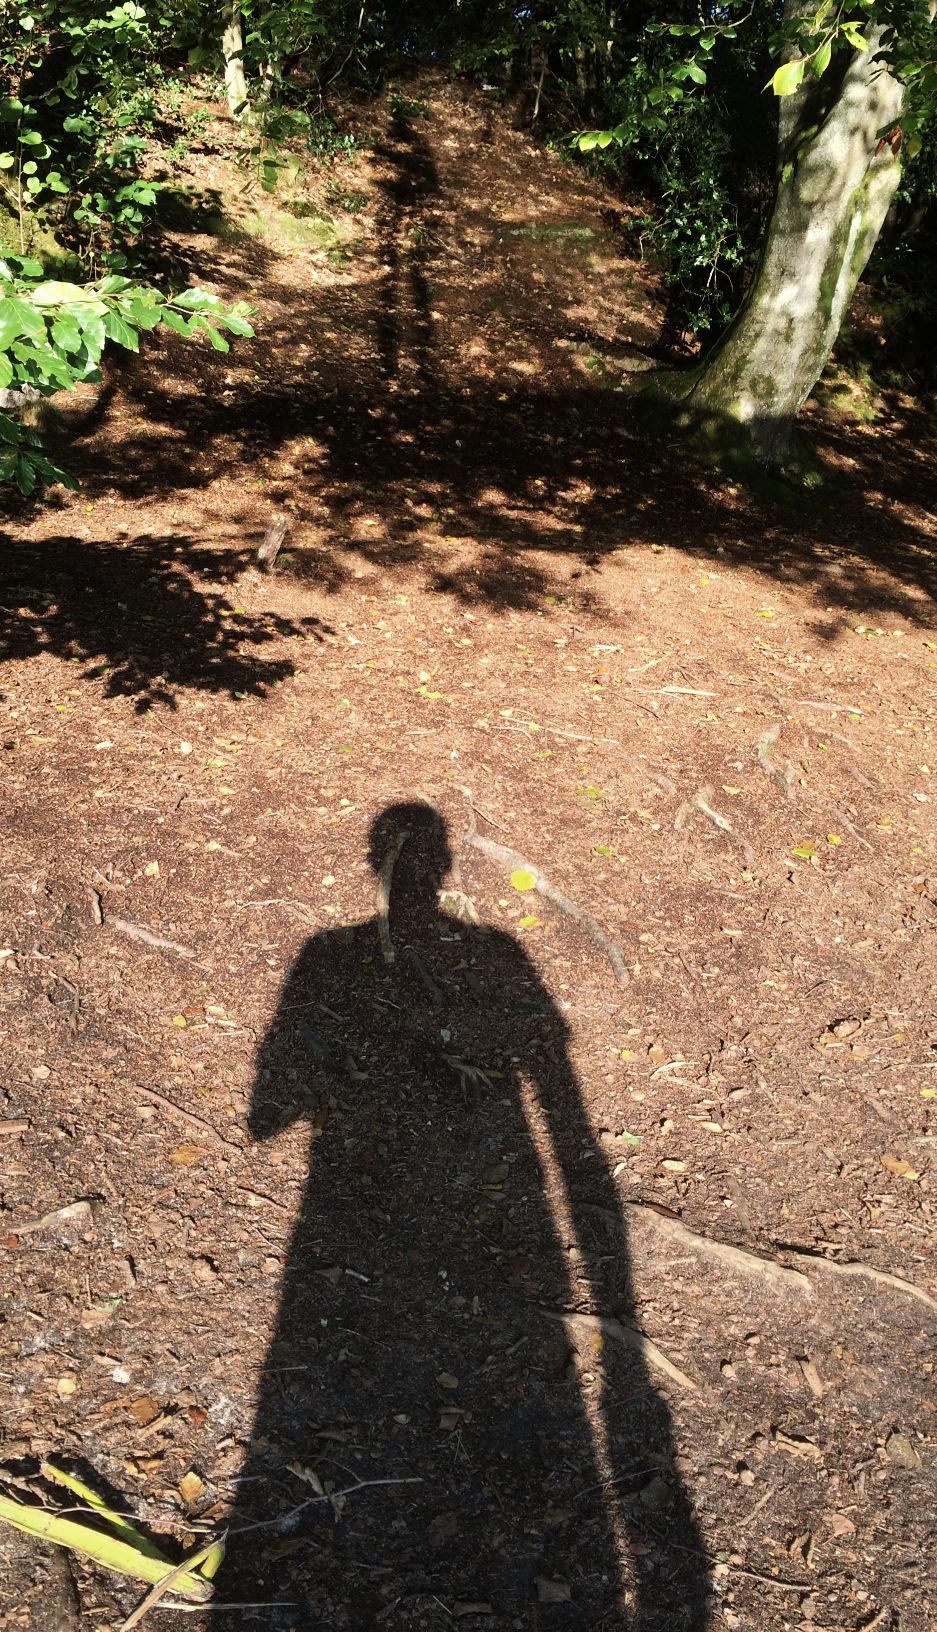 Doppelter Schattenwurf durch 1. die Sonne selbst und 2. ihre Reflexion auf der Seeoberfläche